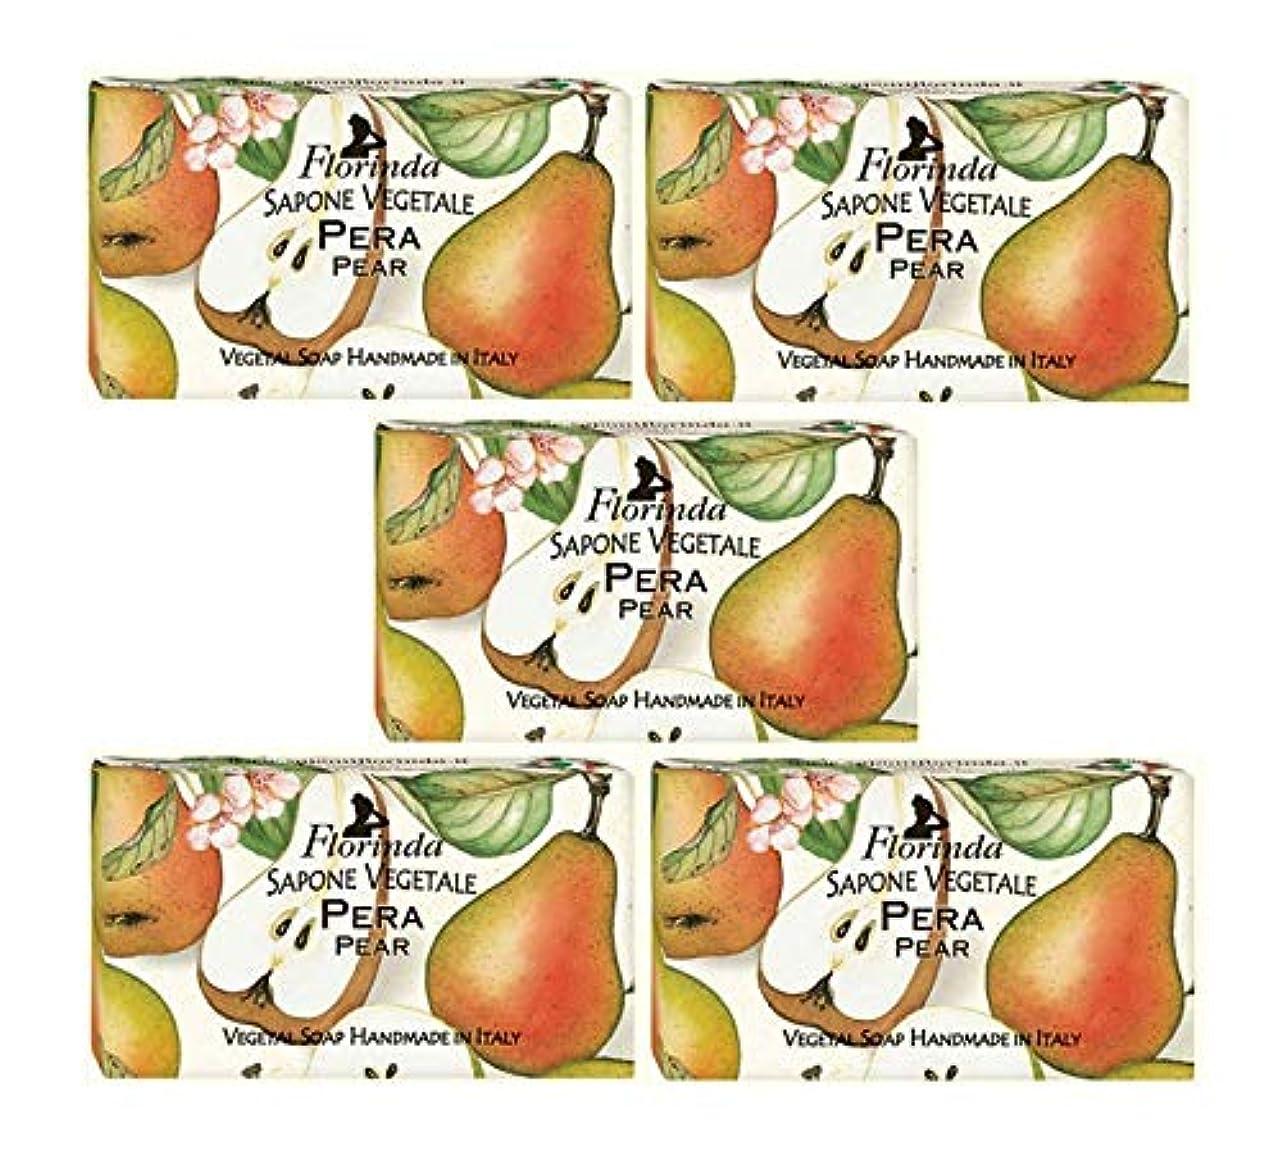 上院ウェイターインセンティブフロリンダ フレグランスソープ 固形石けん フルーツの香り ペア 95g×5個セット